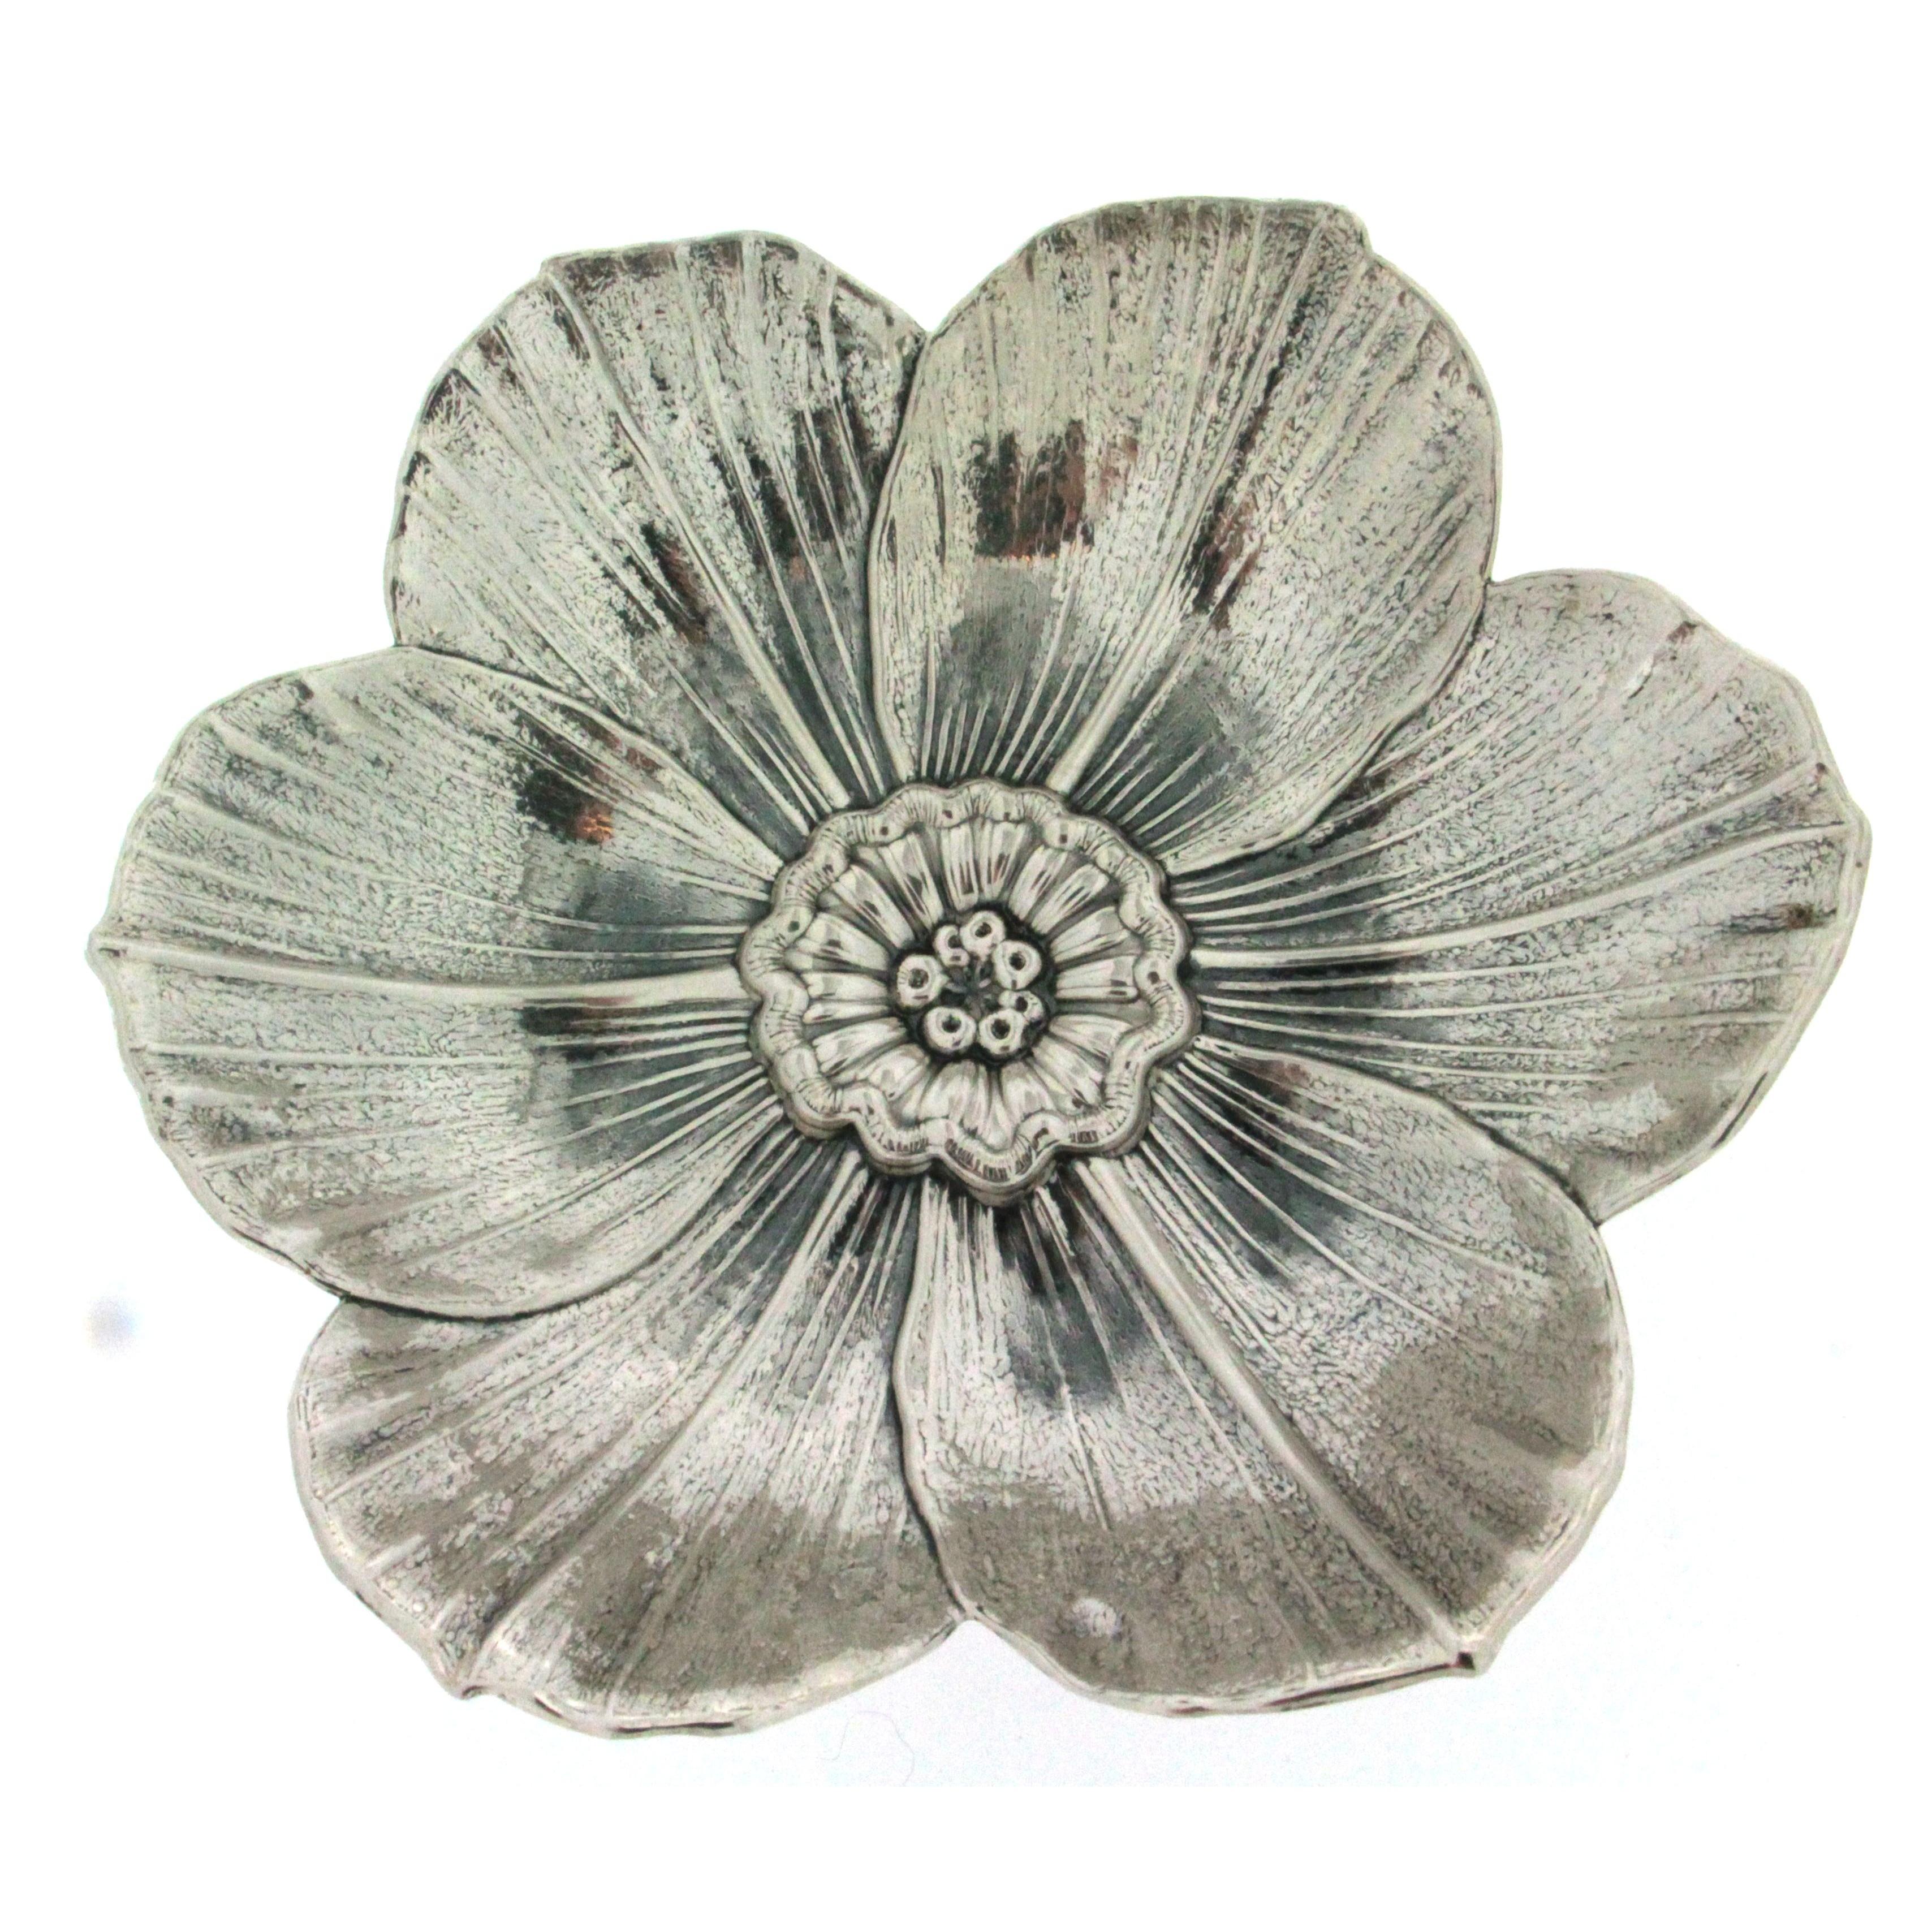 cercare autentica di fabbrica scarpe da skate Gianmaria Buccellati collezione Fioreargento fiore di Narcis argento 925